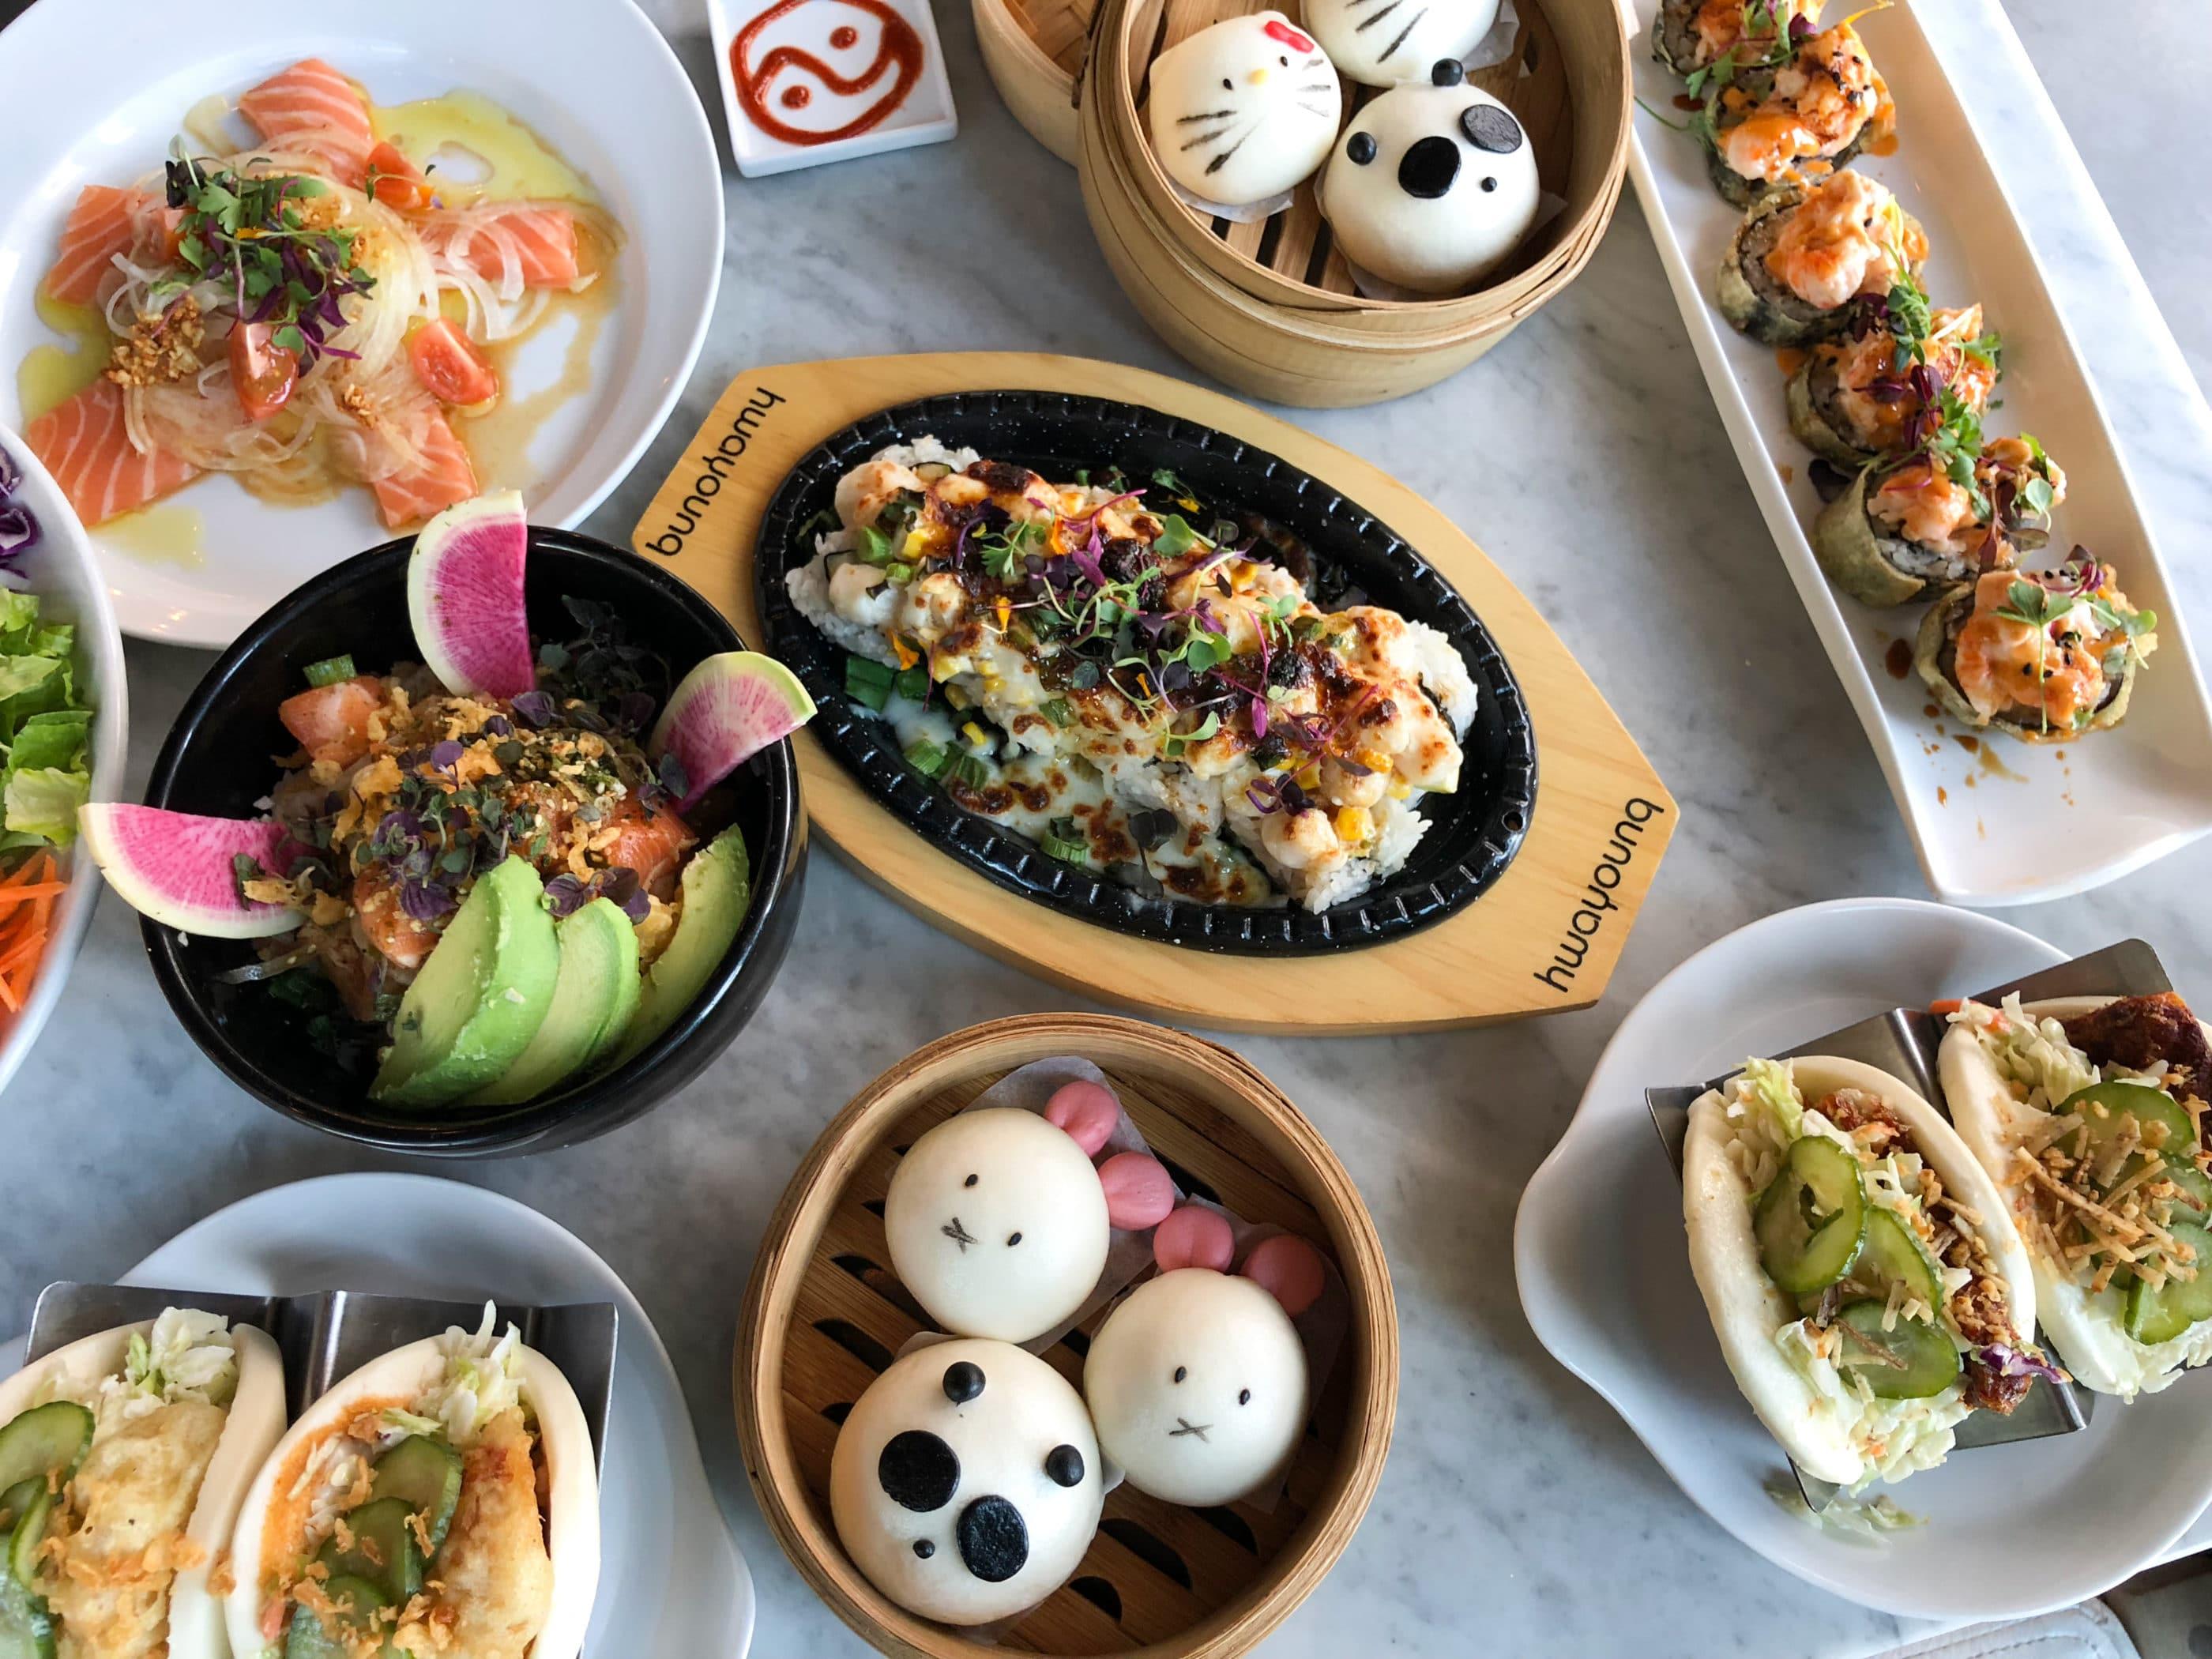 Character buns and Asian fare at Harumama La Jolla restaurant.